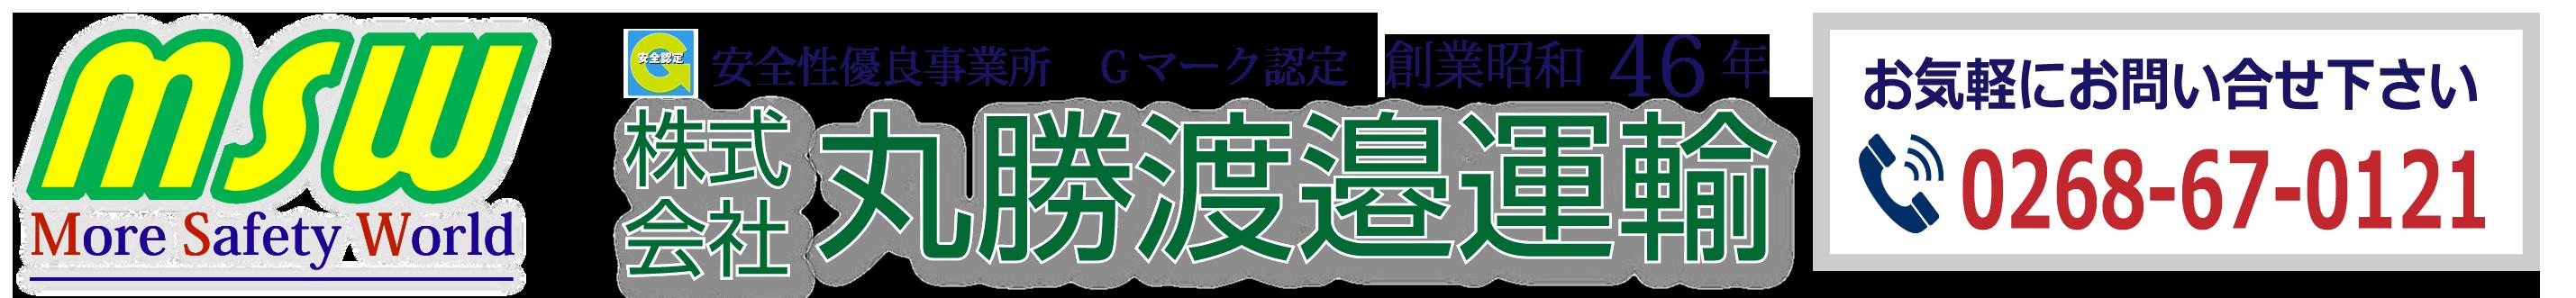 株式会社 丸勝渡邉運輸